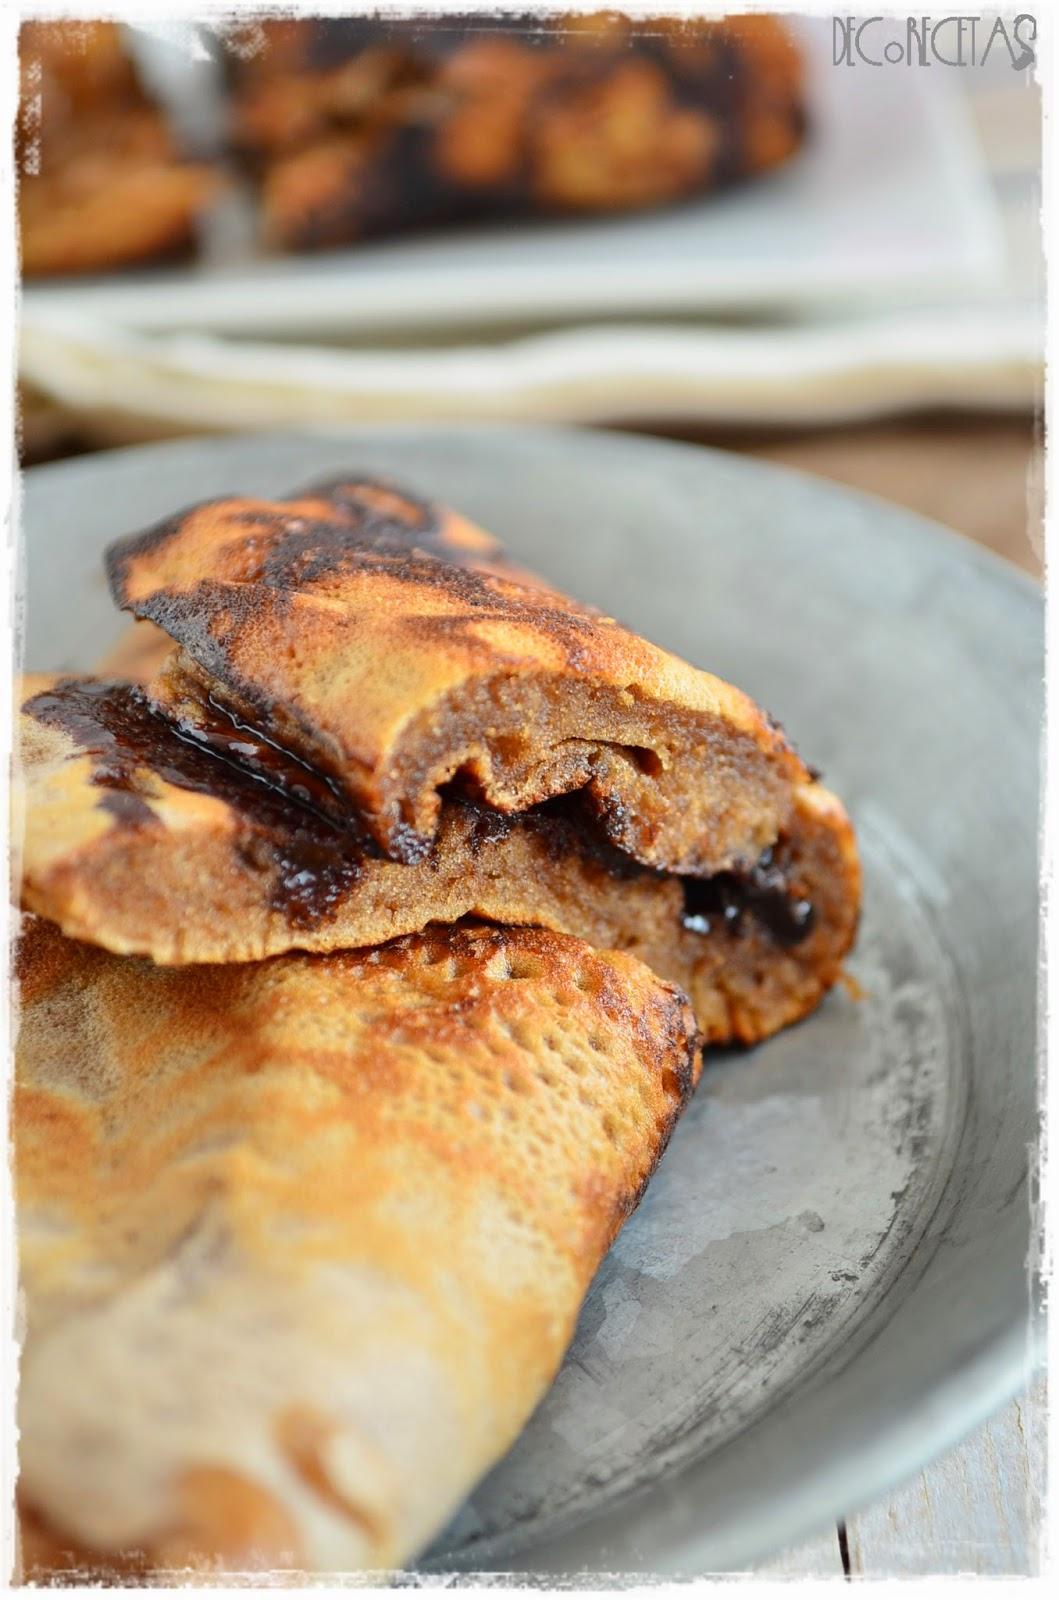 Tortilla con dulce